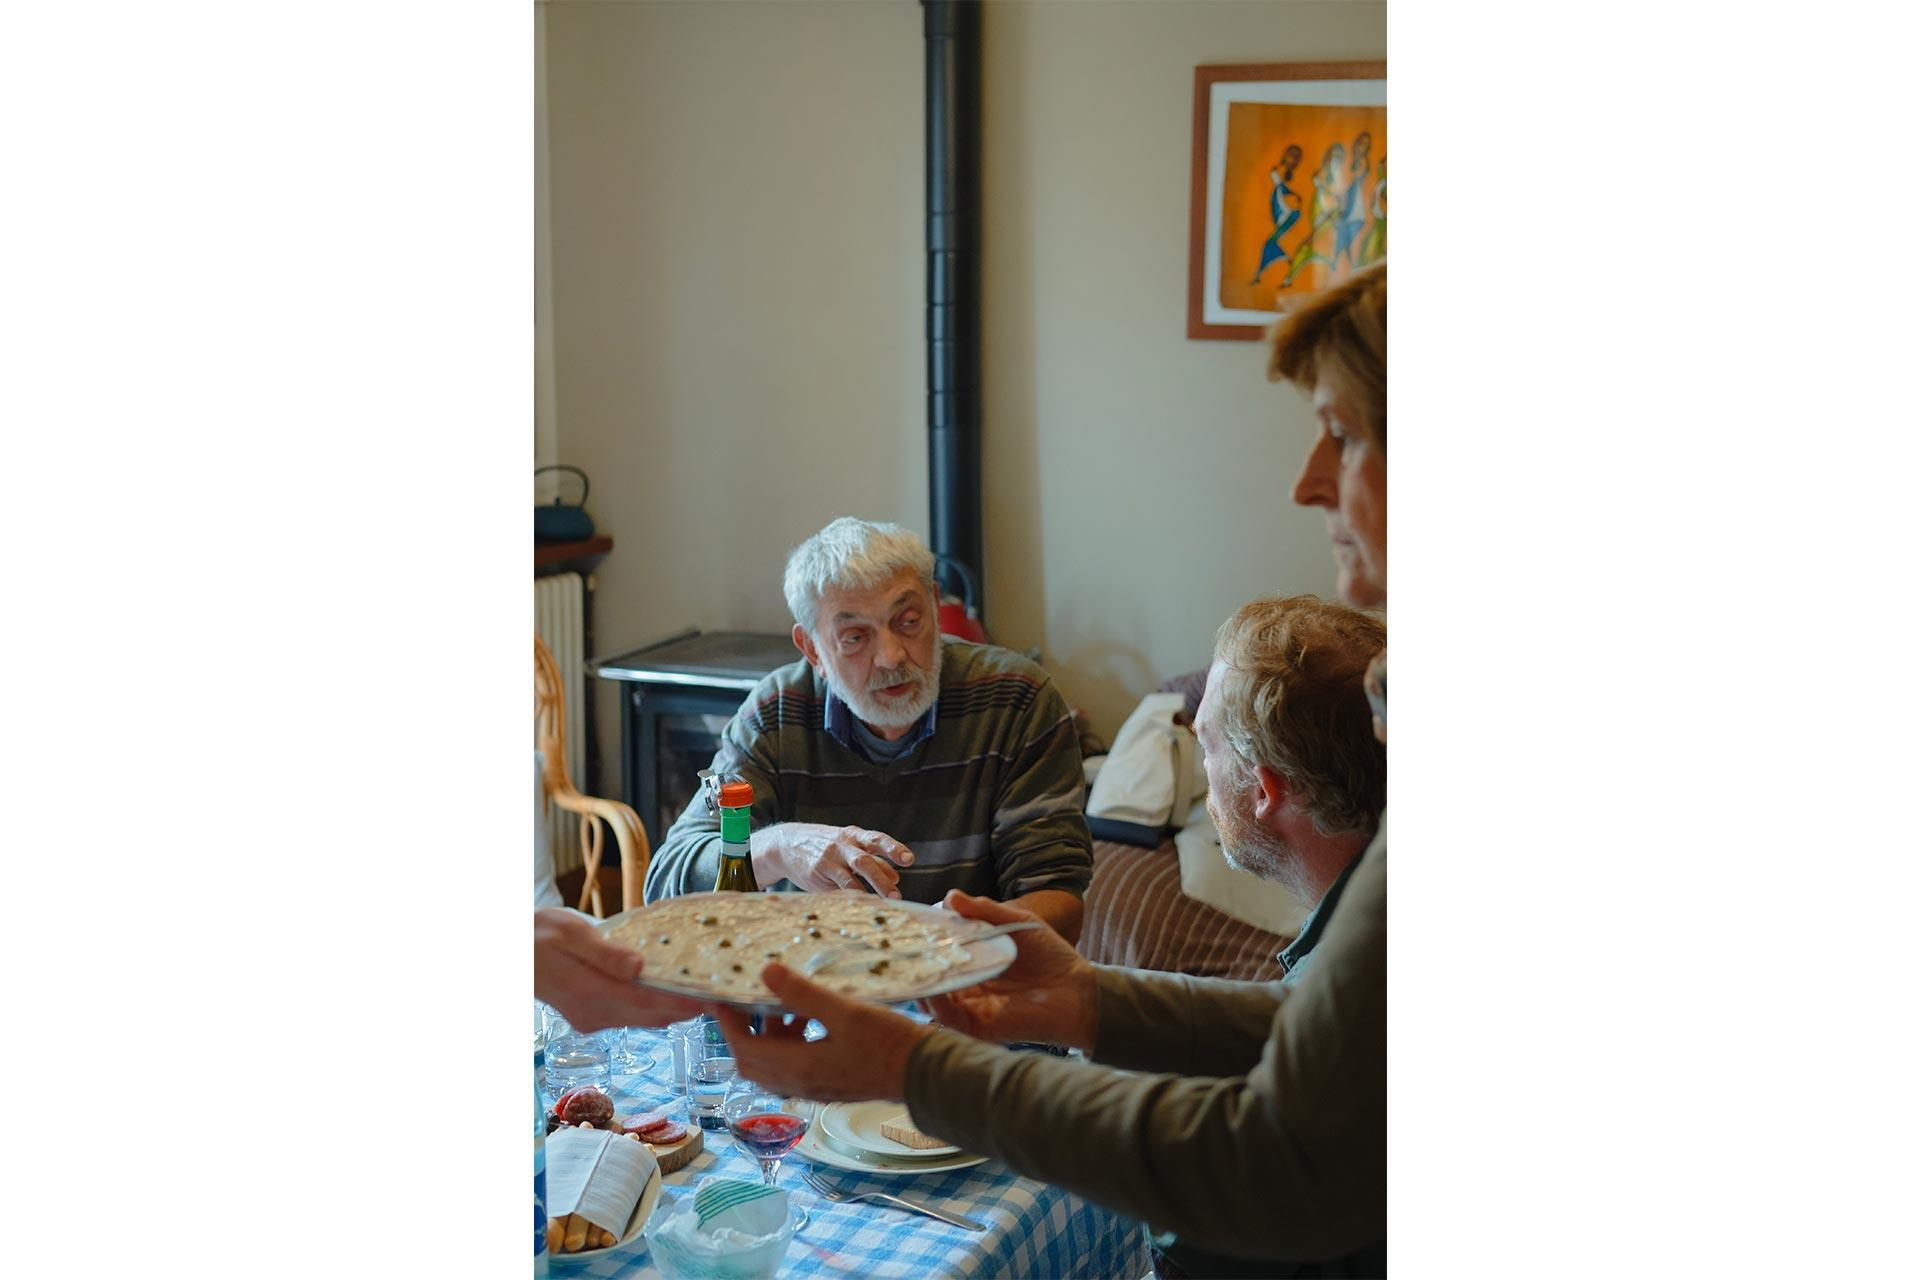 un anziano cacciatore di tartufi a tavola con la sua famiglia